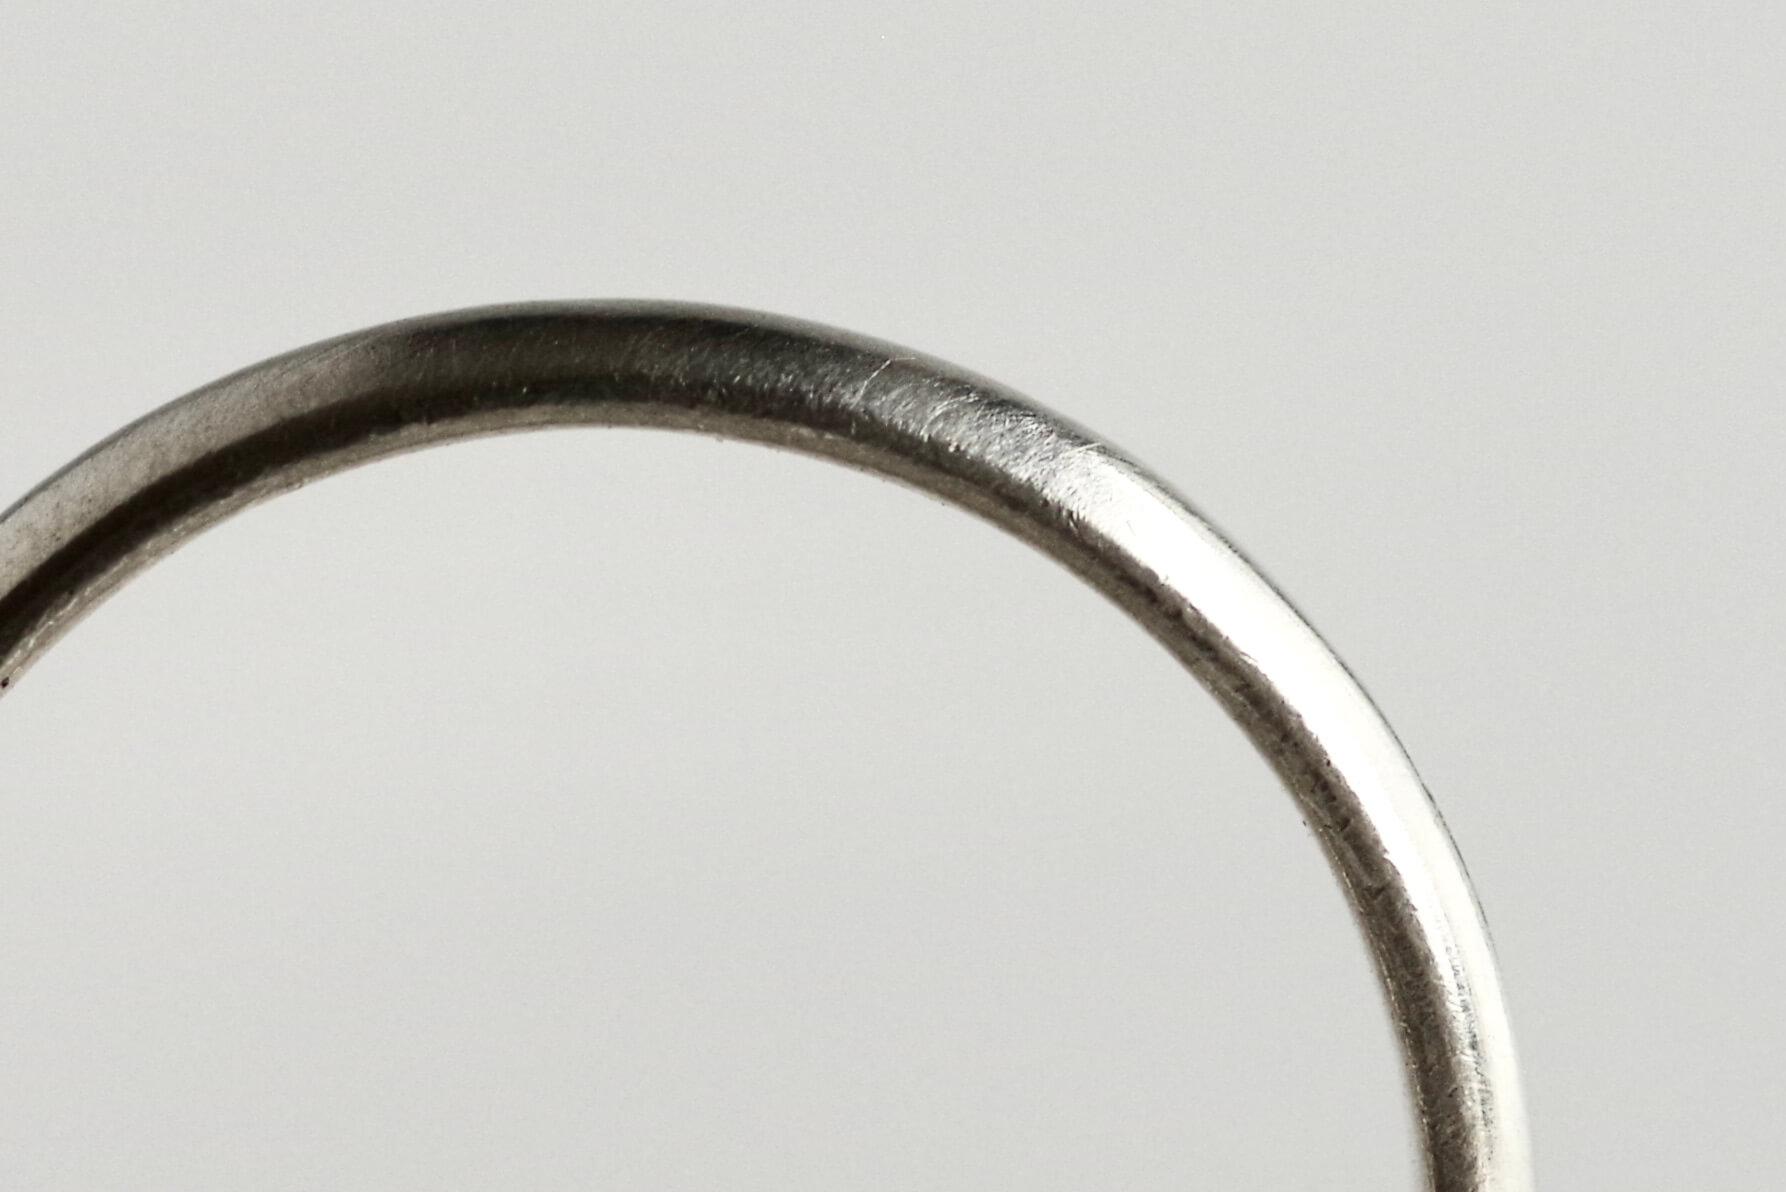 シンプル 結婚指輪 比較 甲丸 平打ち 平甲丸 横から見た図